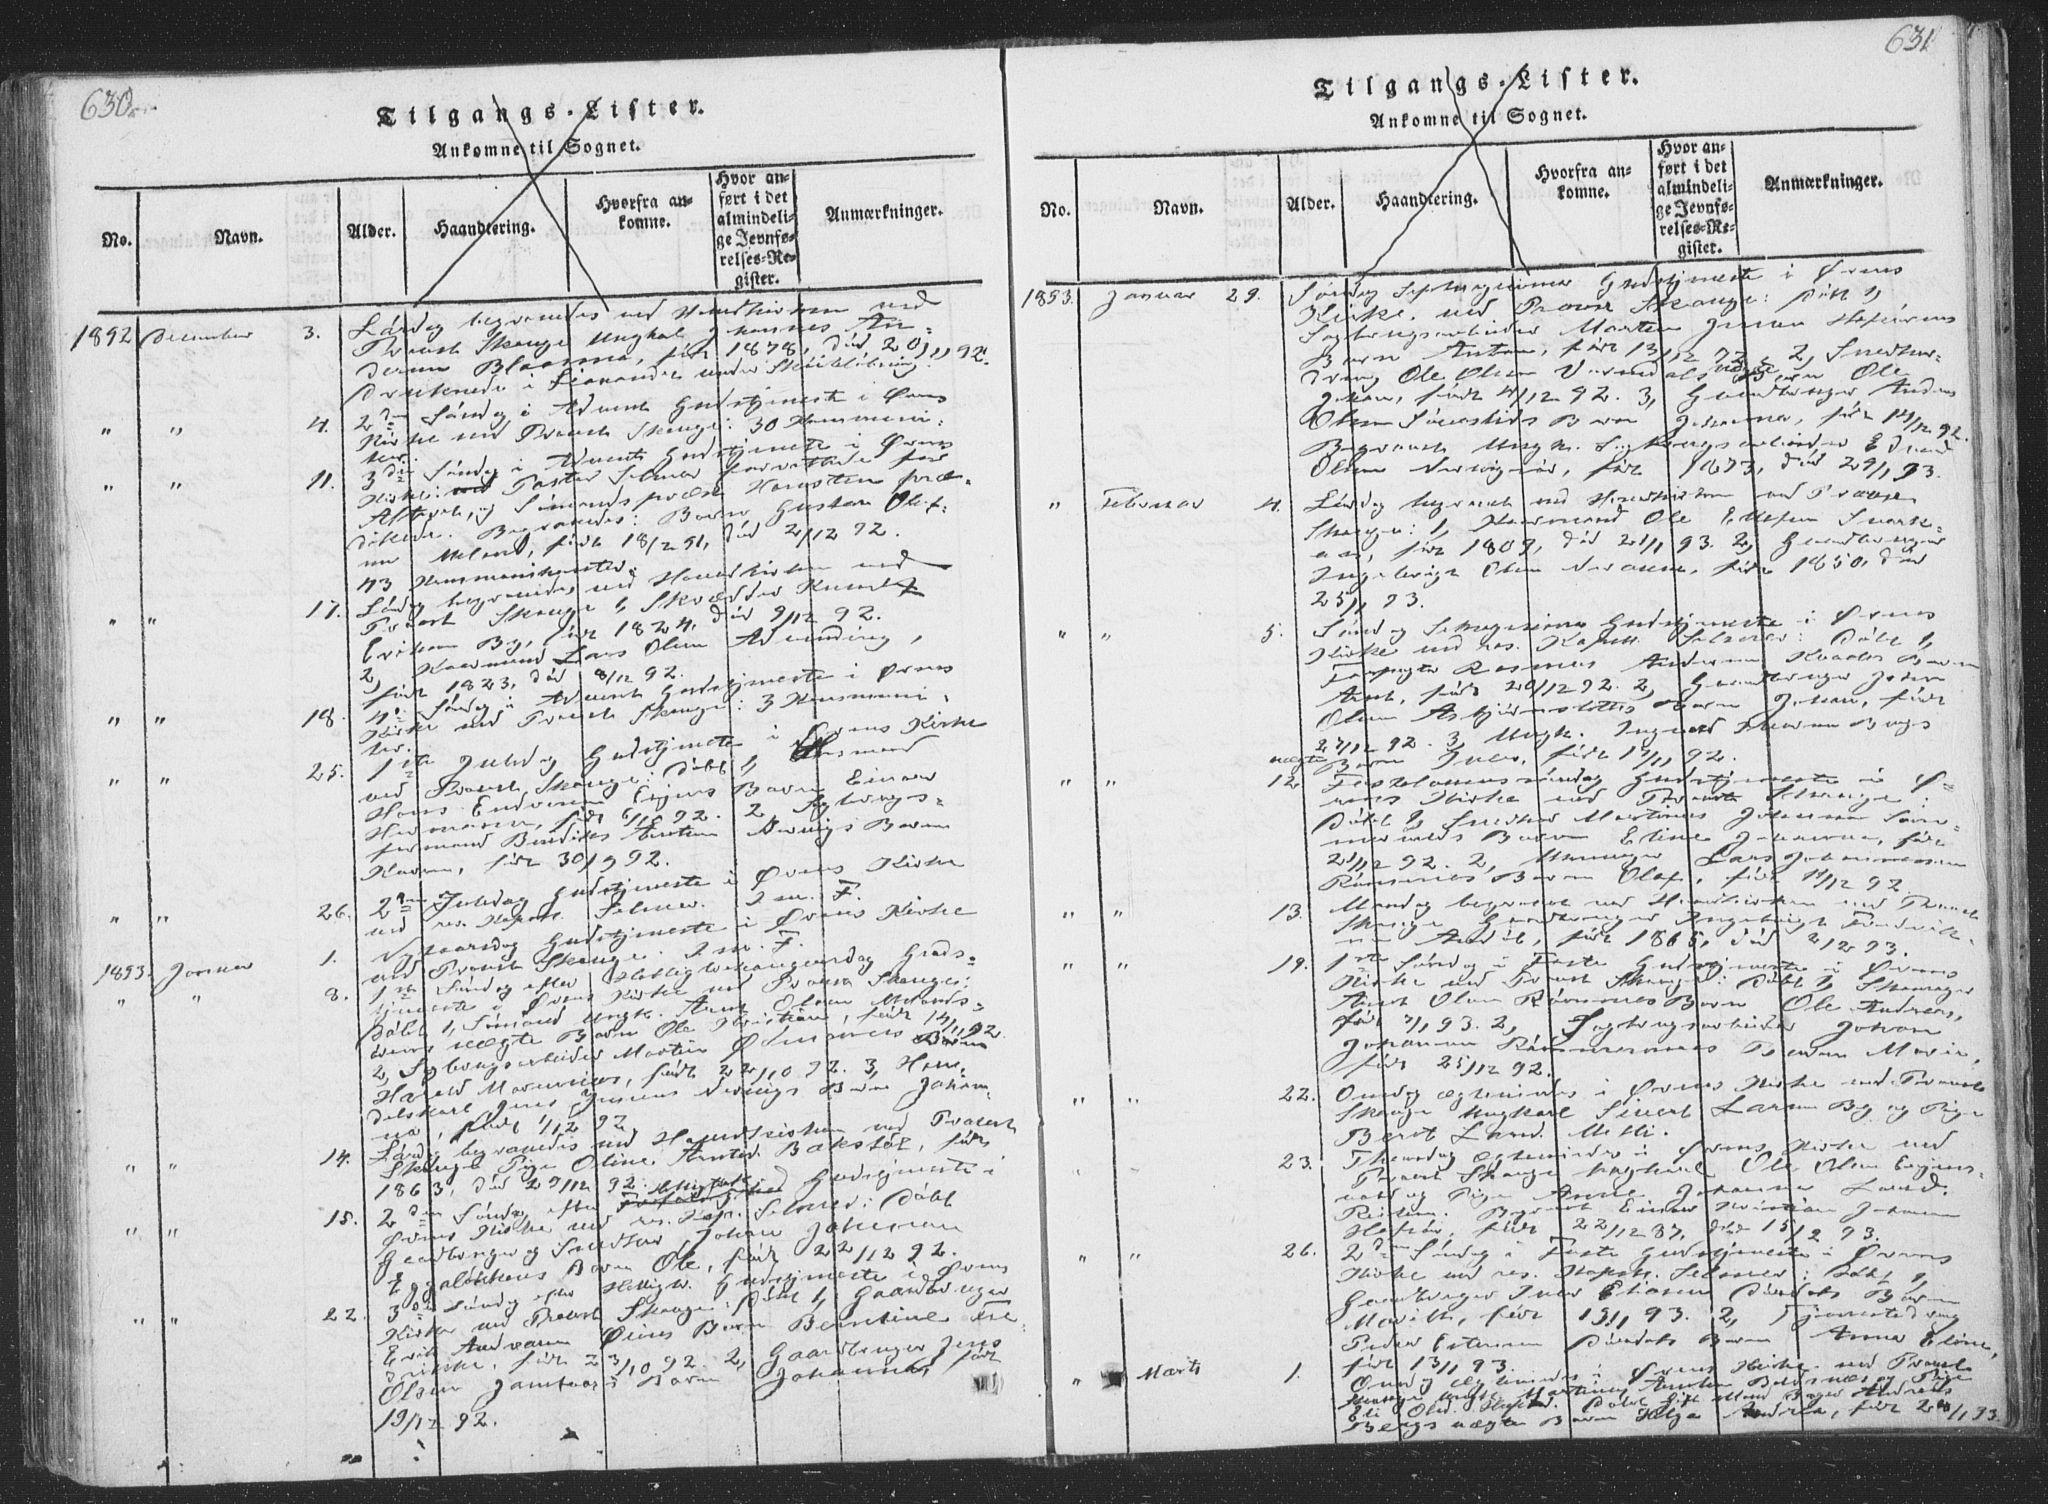 SAT, Ministerialprotokoller, klokkerbøker og fødselsregistre - Sør-Trøndelag, 668/L0816: Klokkerbok nr. 668C05, 1816-1893, s. 630-631